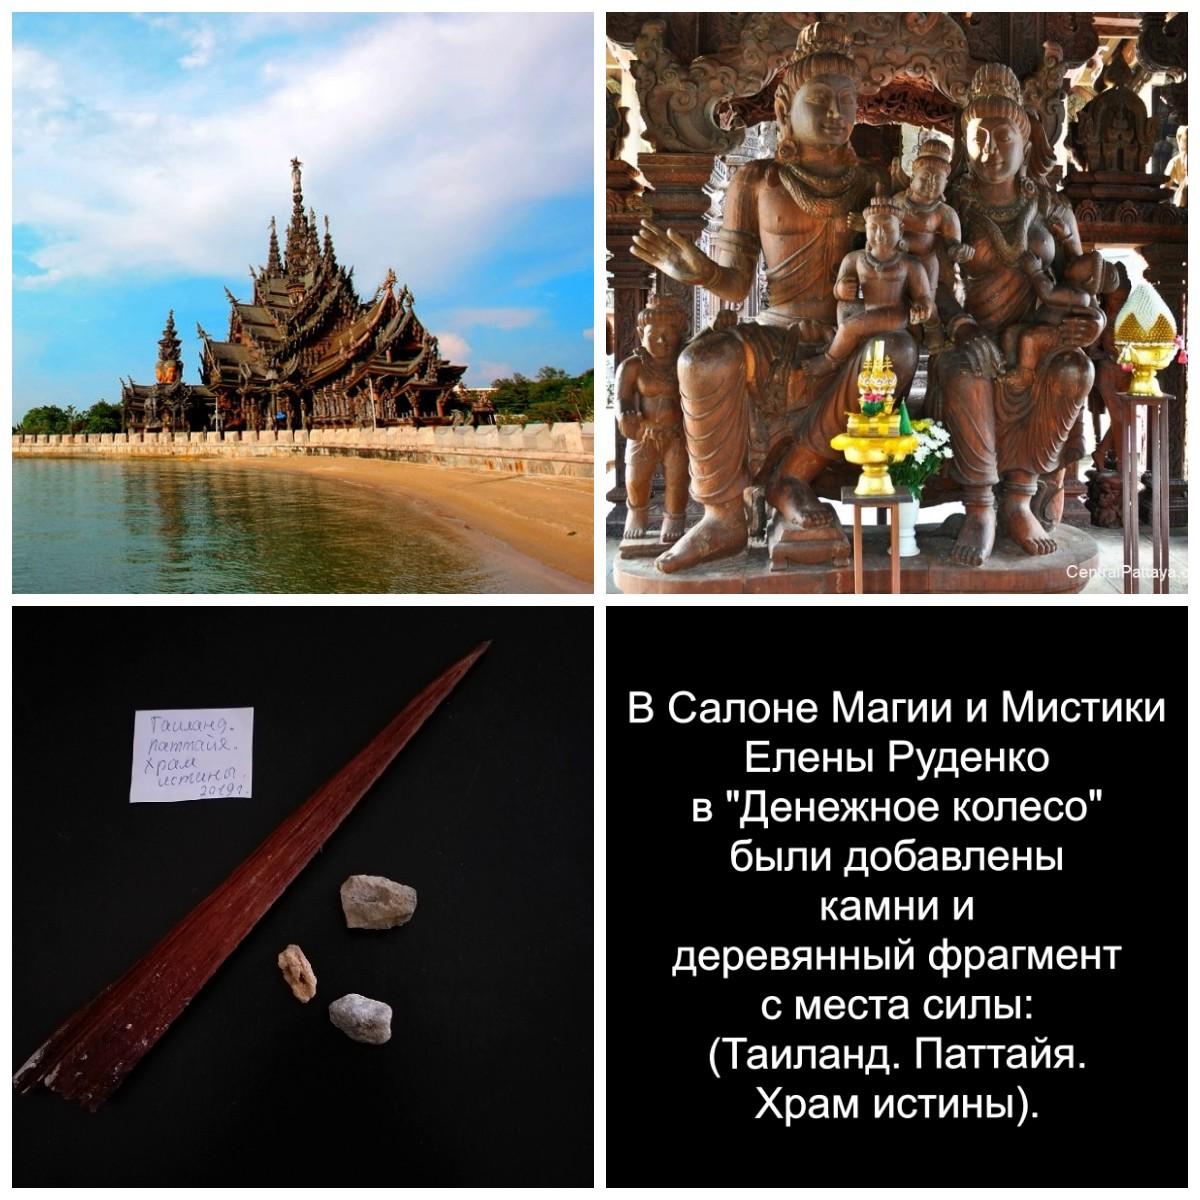 Елена Руденко (Валтея). Таиланд мои впечатления. отзывы, достопримечательности, фото и видео.   T7JAQeNbl3c